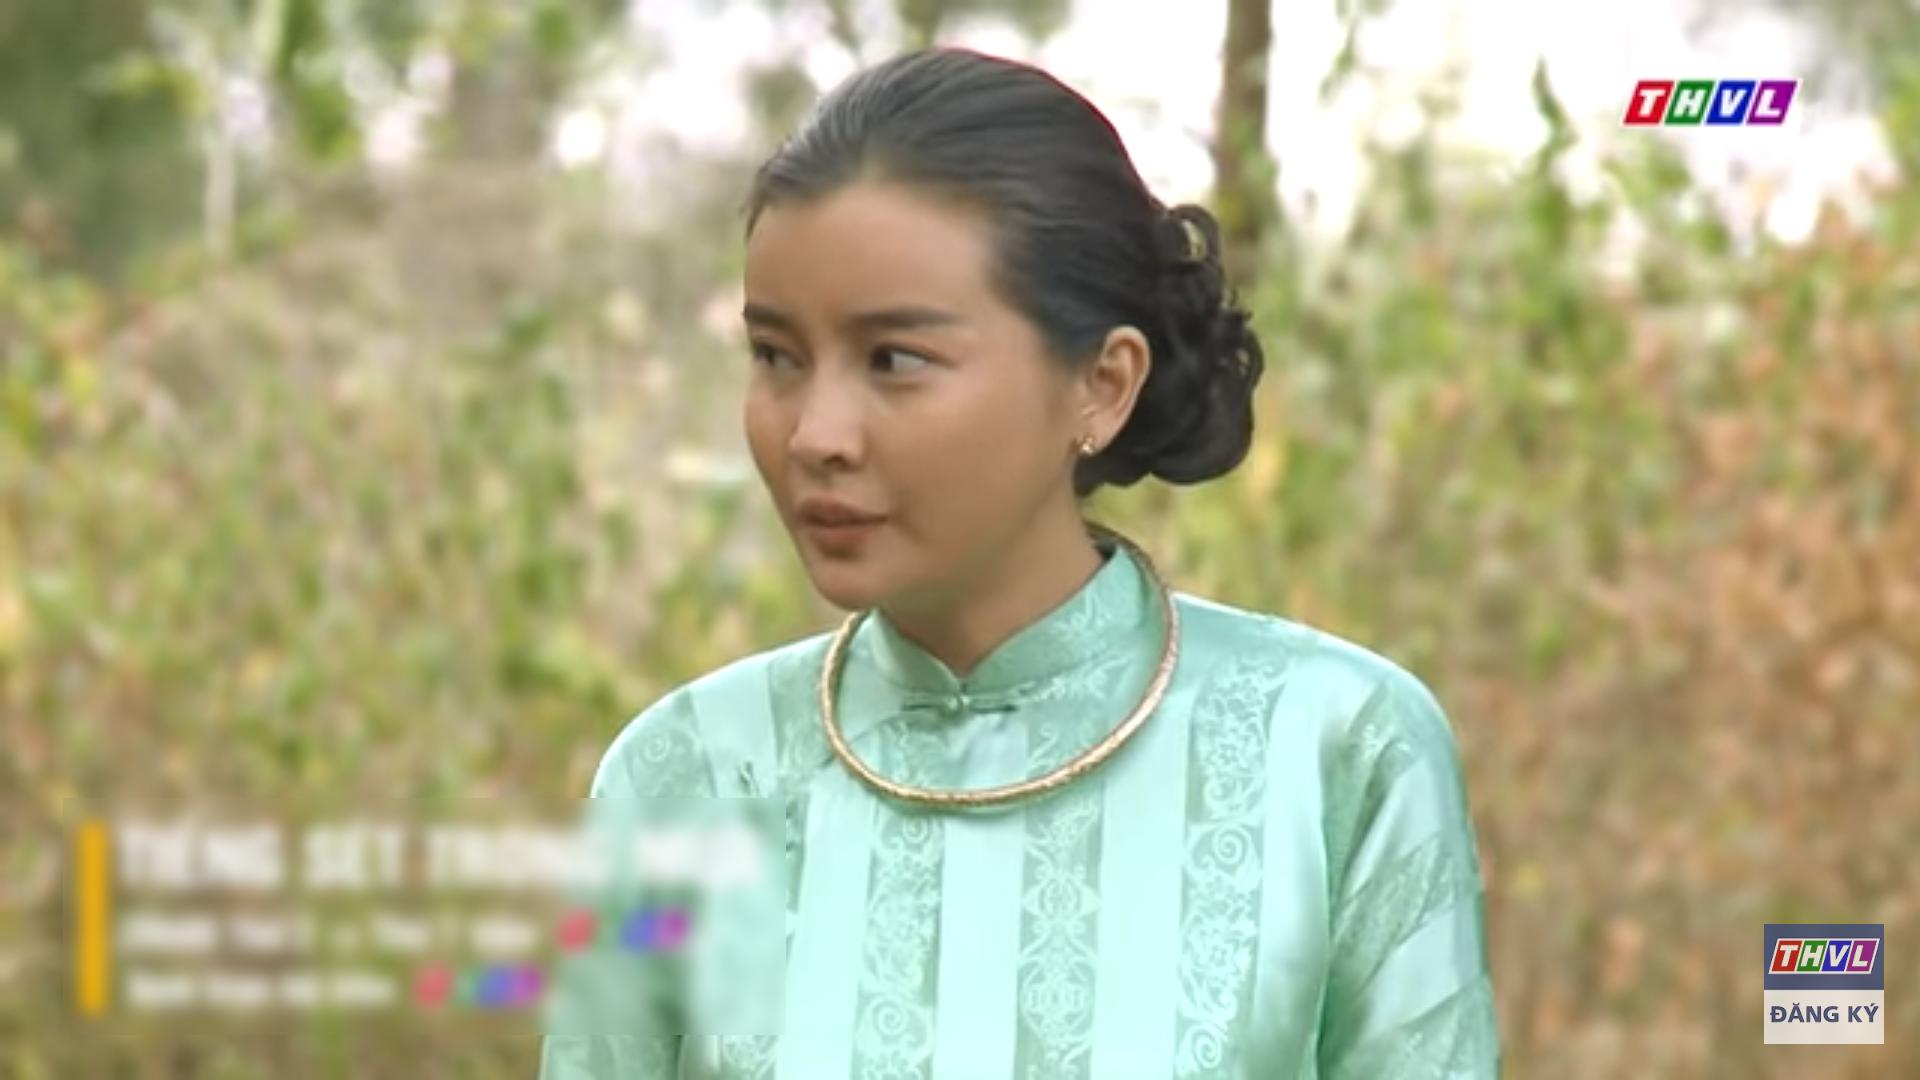 'Tiếng sét trong mưa' trailer tập 42: Hai Sáng lại 'tạo nghiệp' mới, sát hại chồng bà Lẫm vì bị dằn mặt? 4